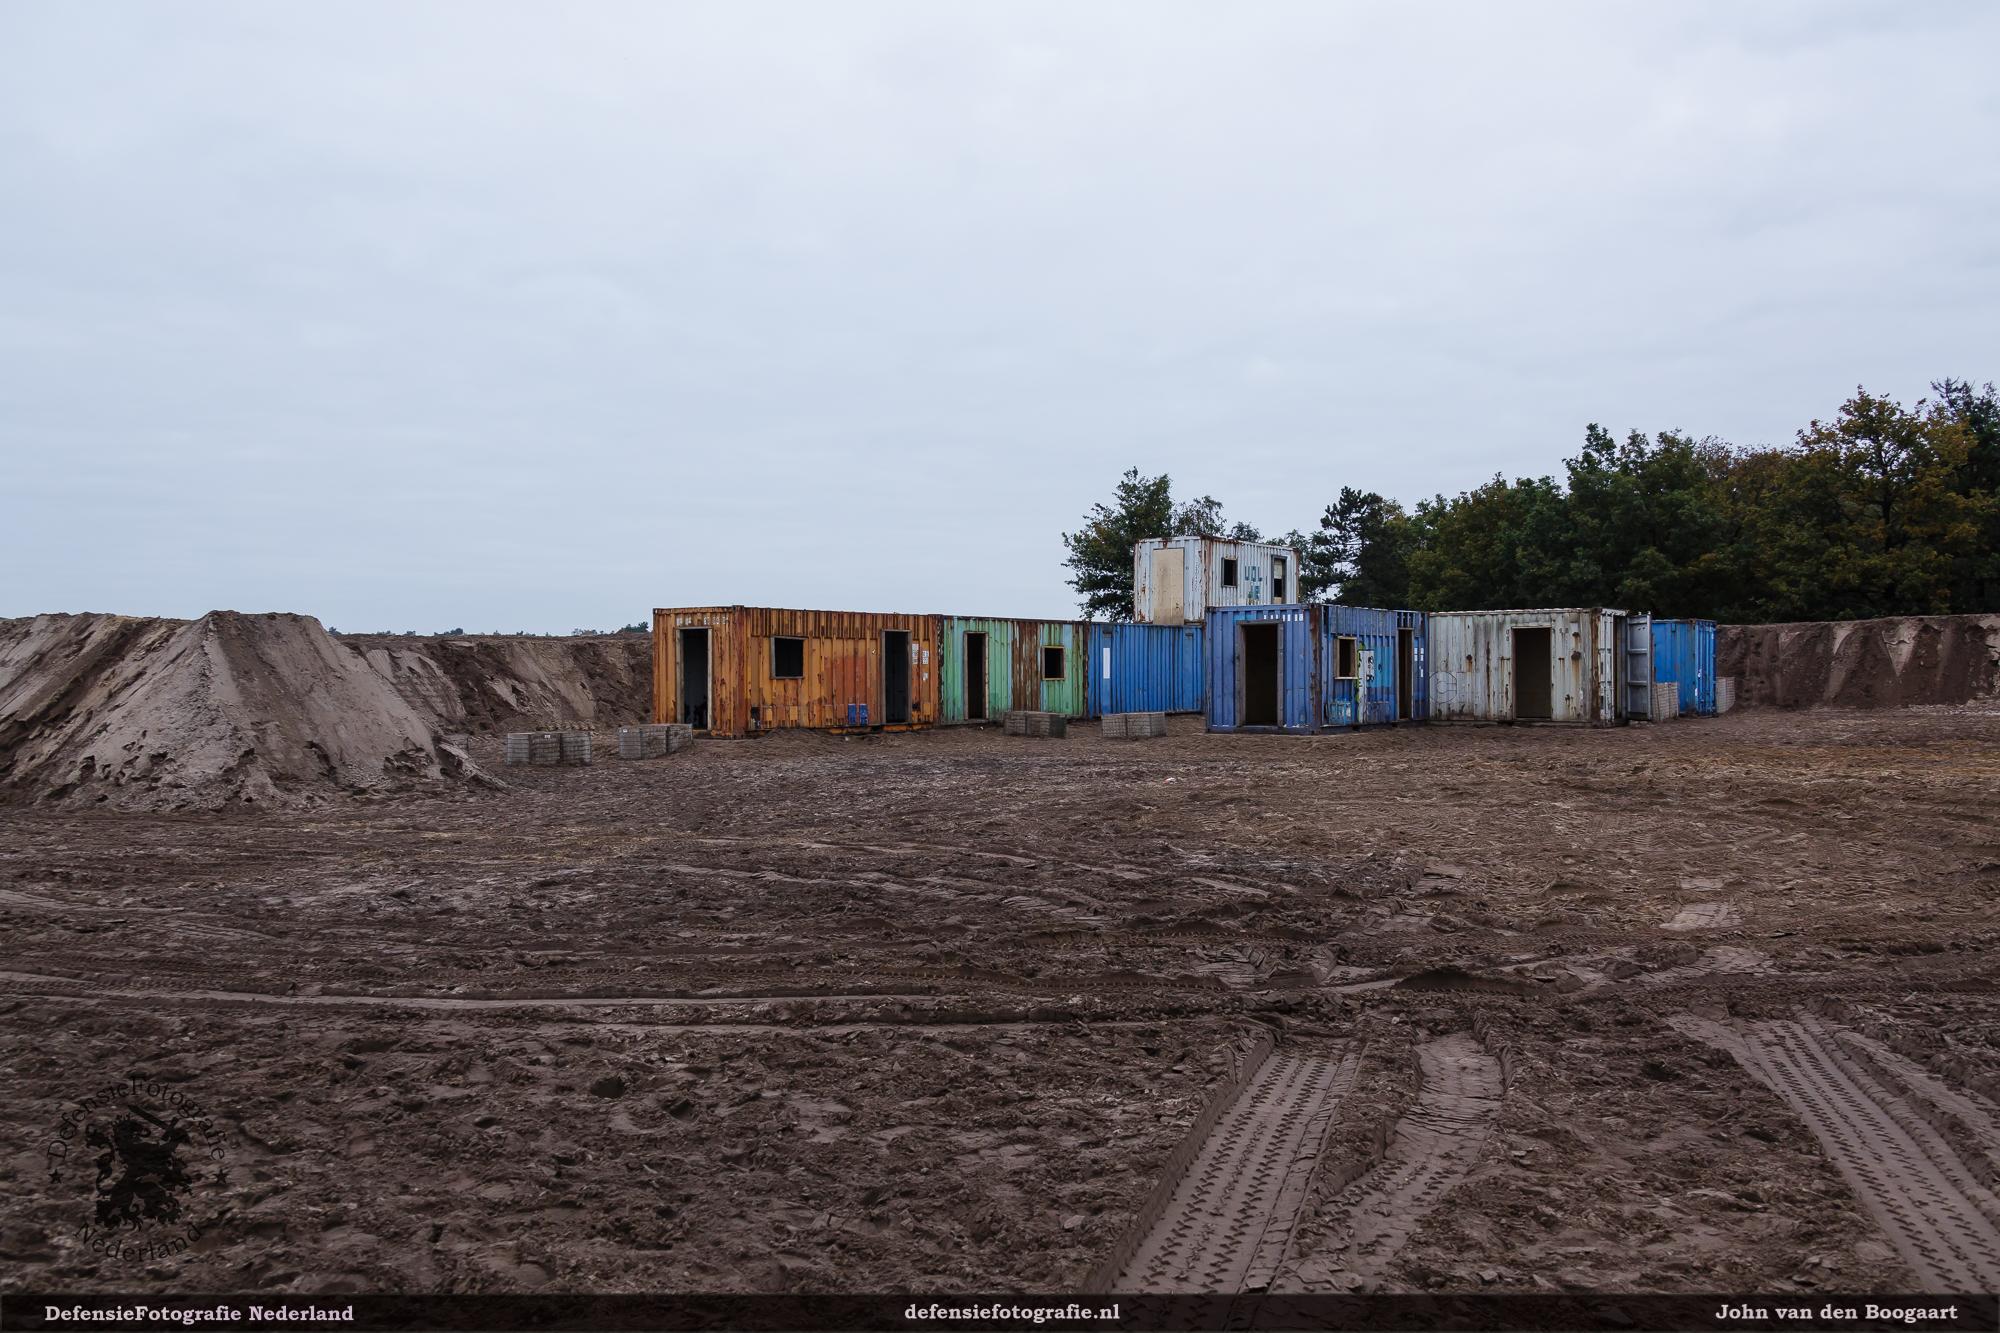 Oktober 2015. Grote update. Containers worden op elkaar geplaatst en zandwallen weer opgehoogd.